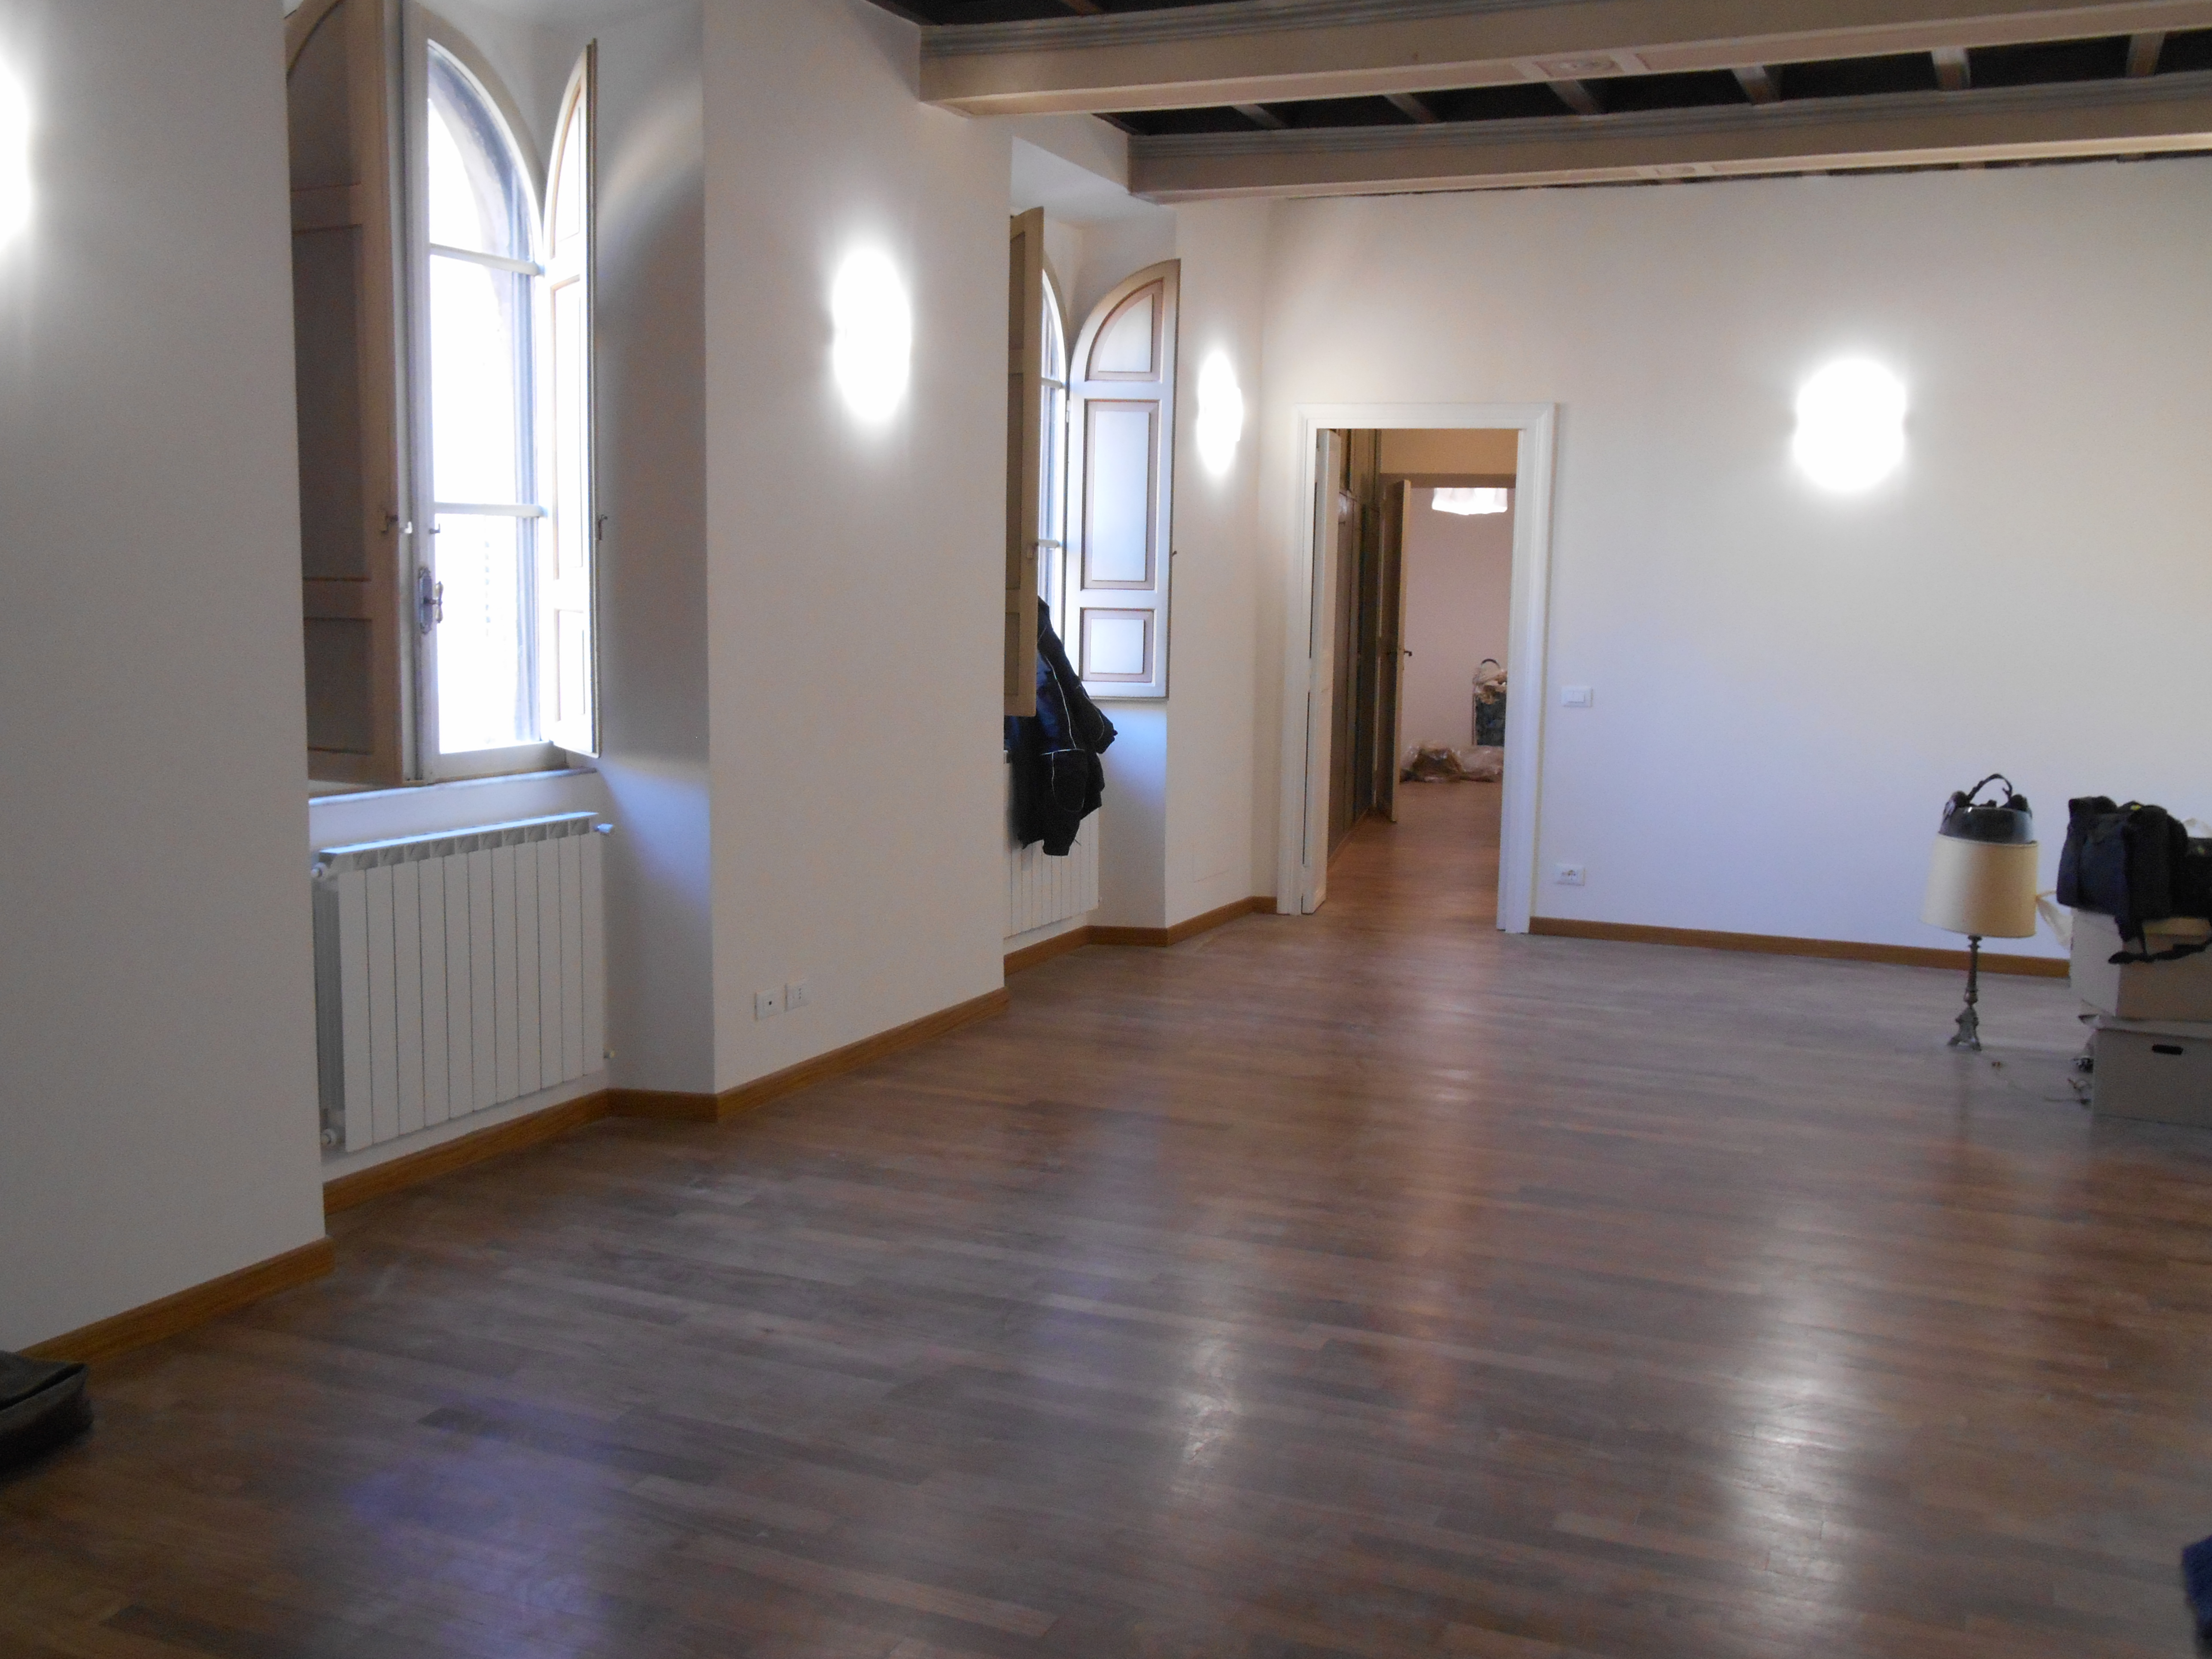 Ristrutturazione appartamento in roma arke costruzioni for Ristrutturazione appartamento roma